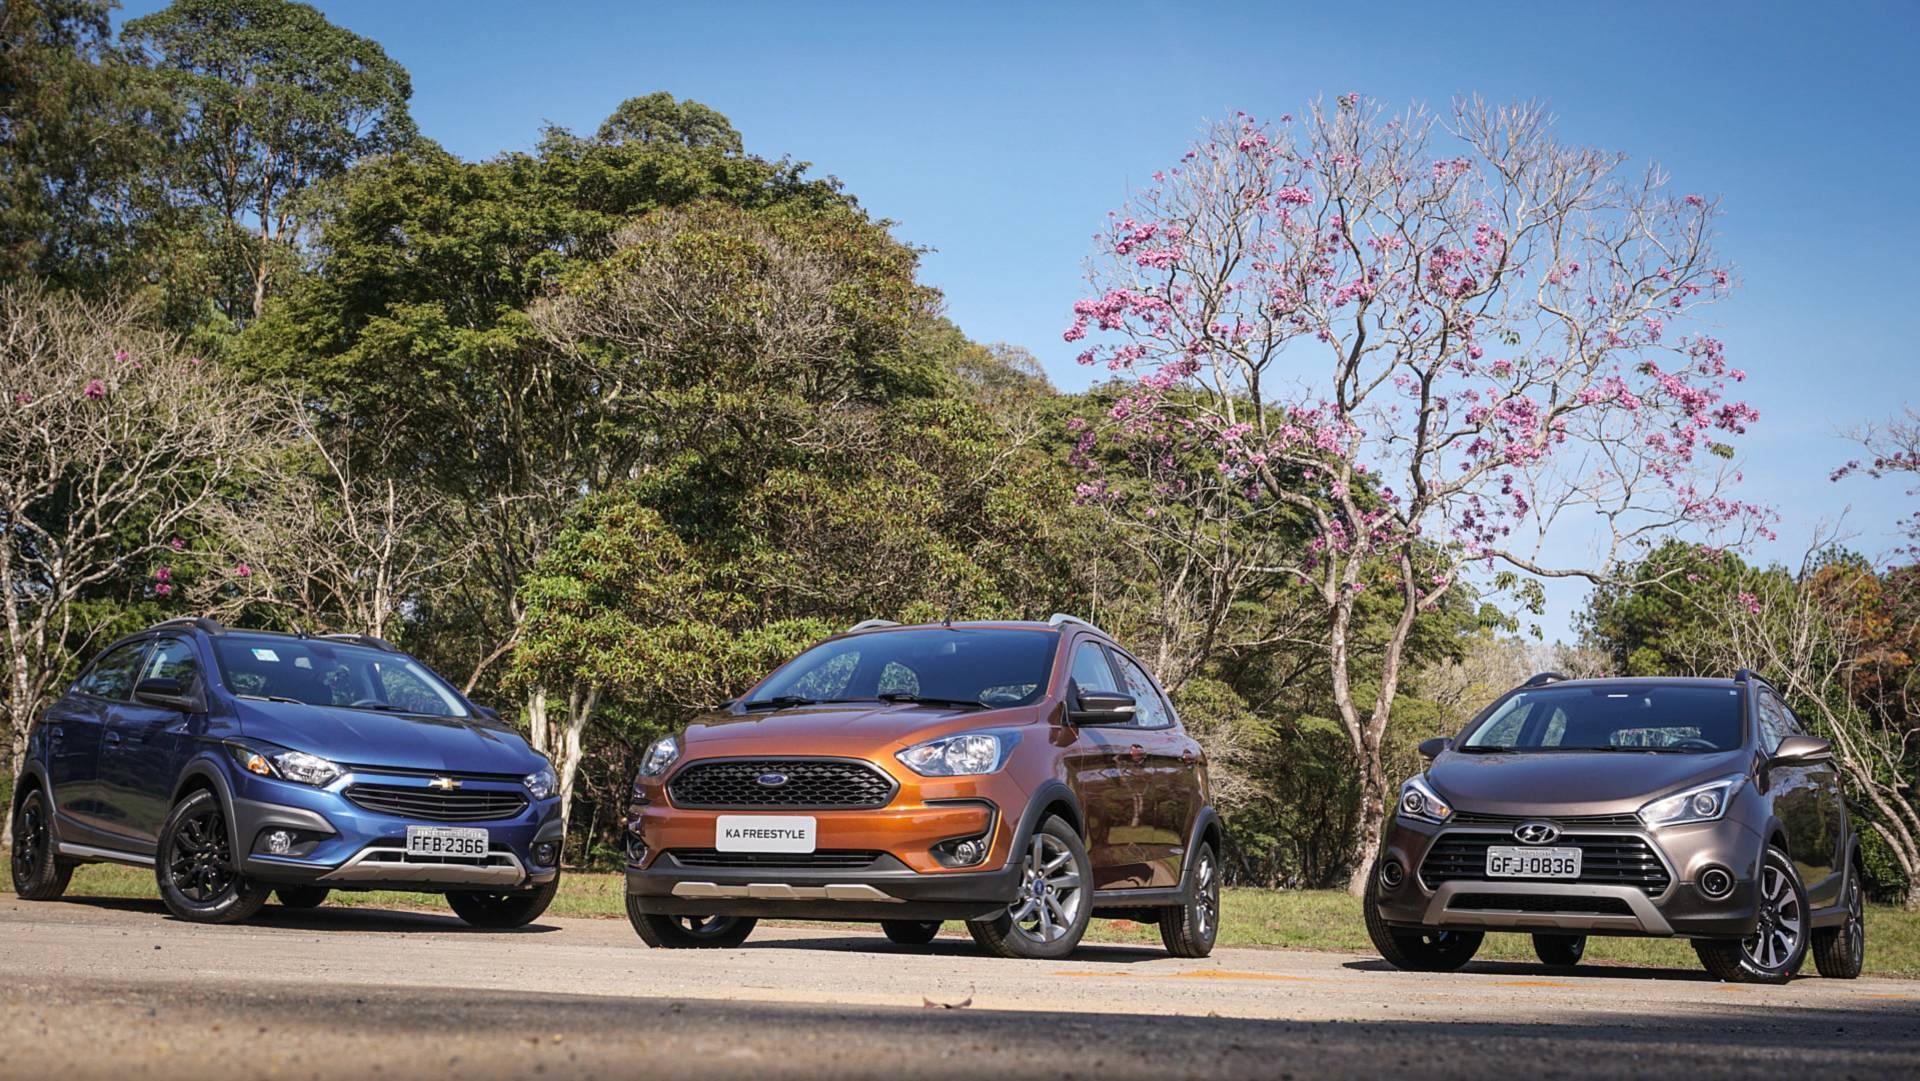 Onix segue como carro mais vendido em janeiro de 2019; veja lista